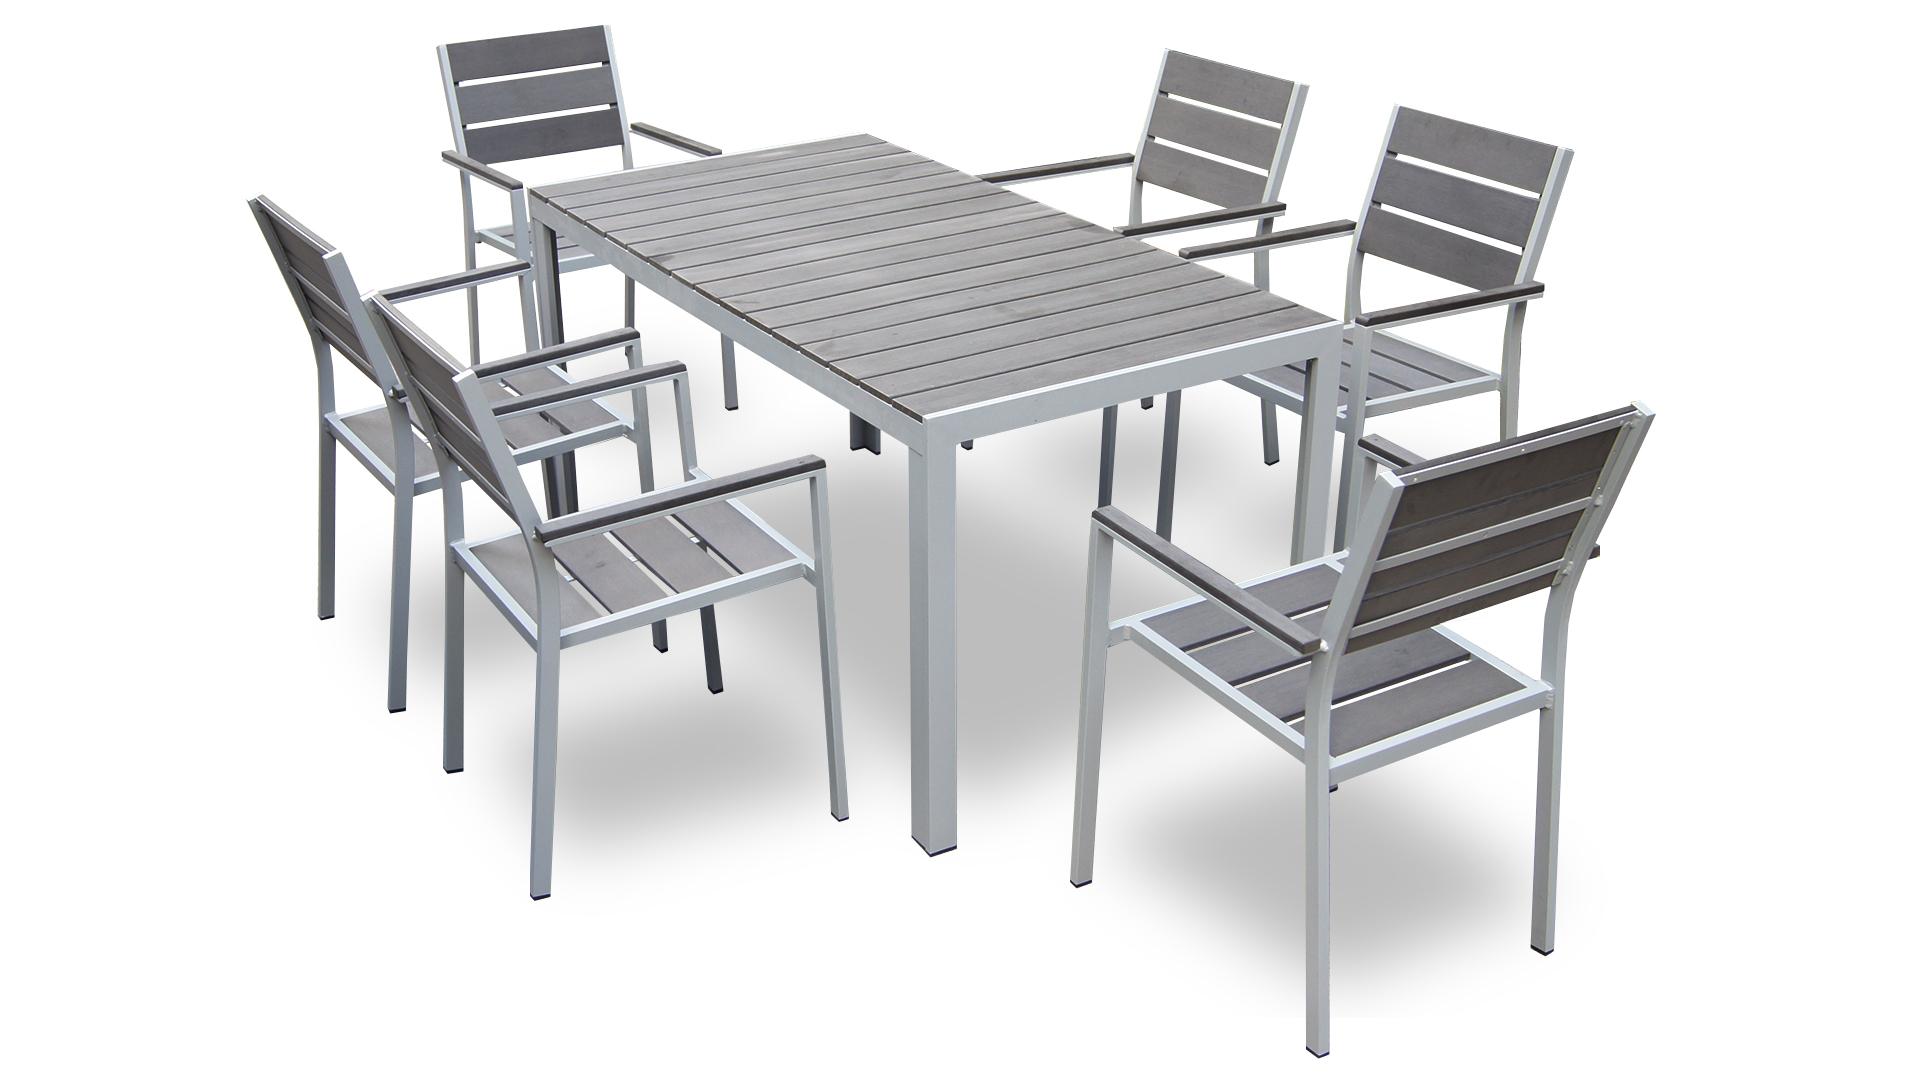 ensemble leclerc chaise fer jardin aluminium manger camping pour destine a table de pliante auchan jardin ronde ans les pliante table chaise person auchan leclerc ensemble giany prix haute aluminium p